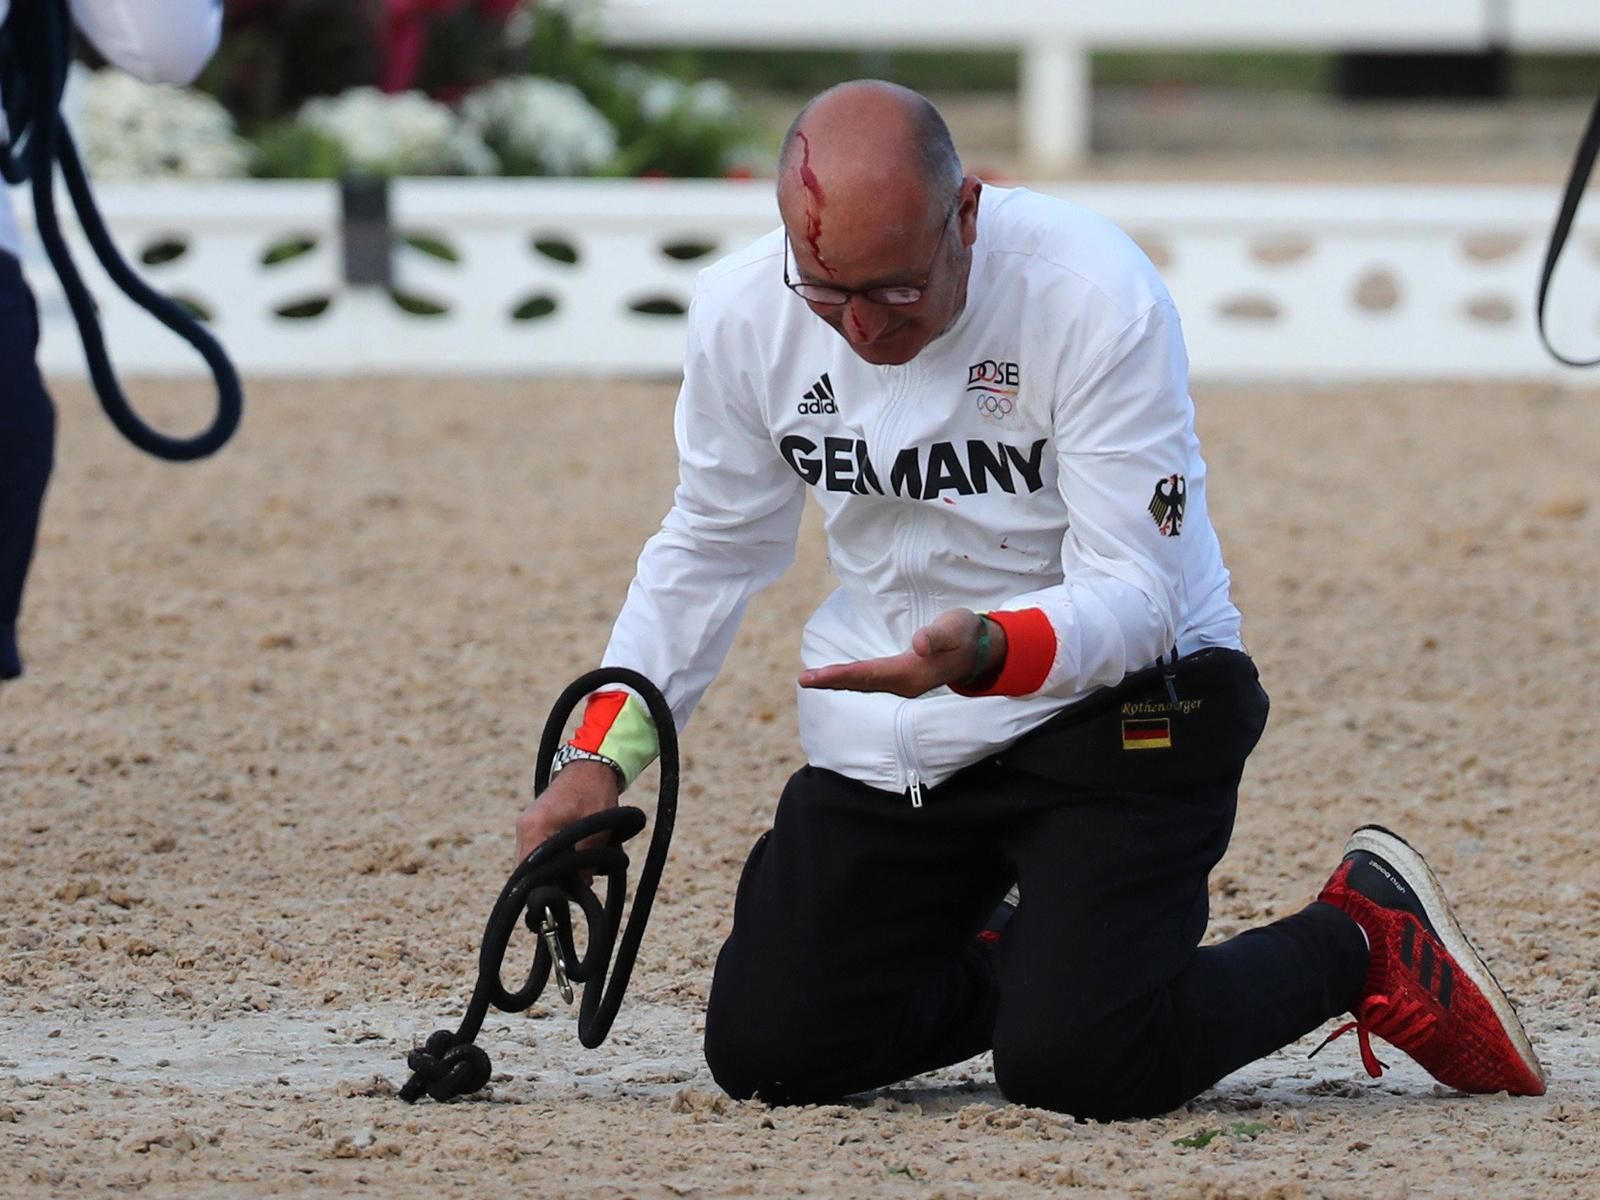 Nach Dressur-Gold: Pferd verletzt Betreuer